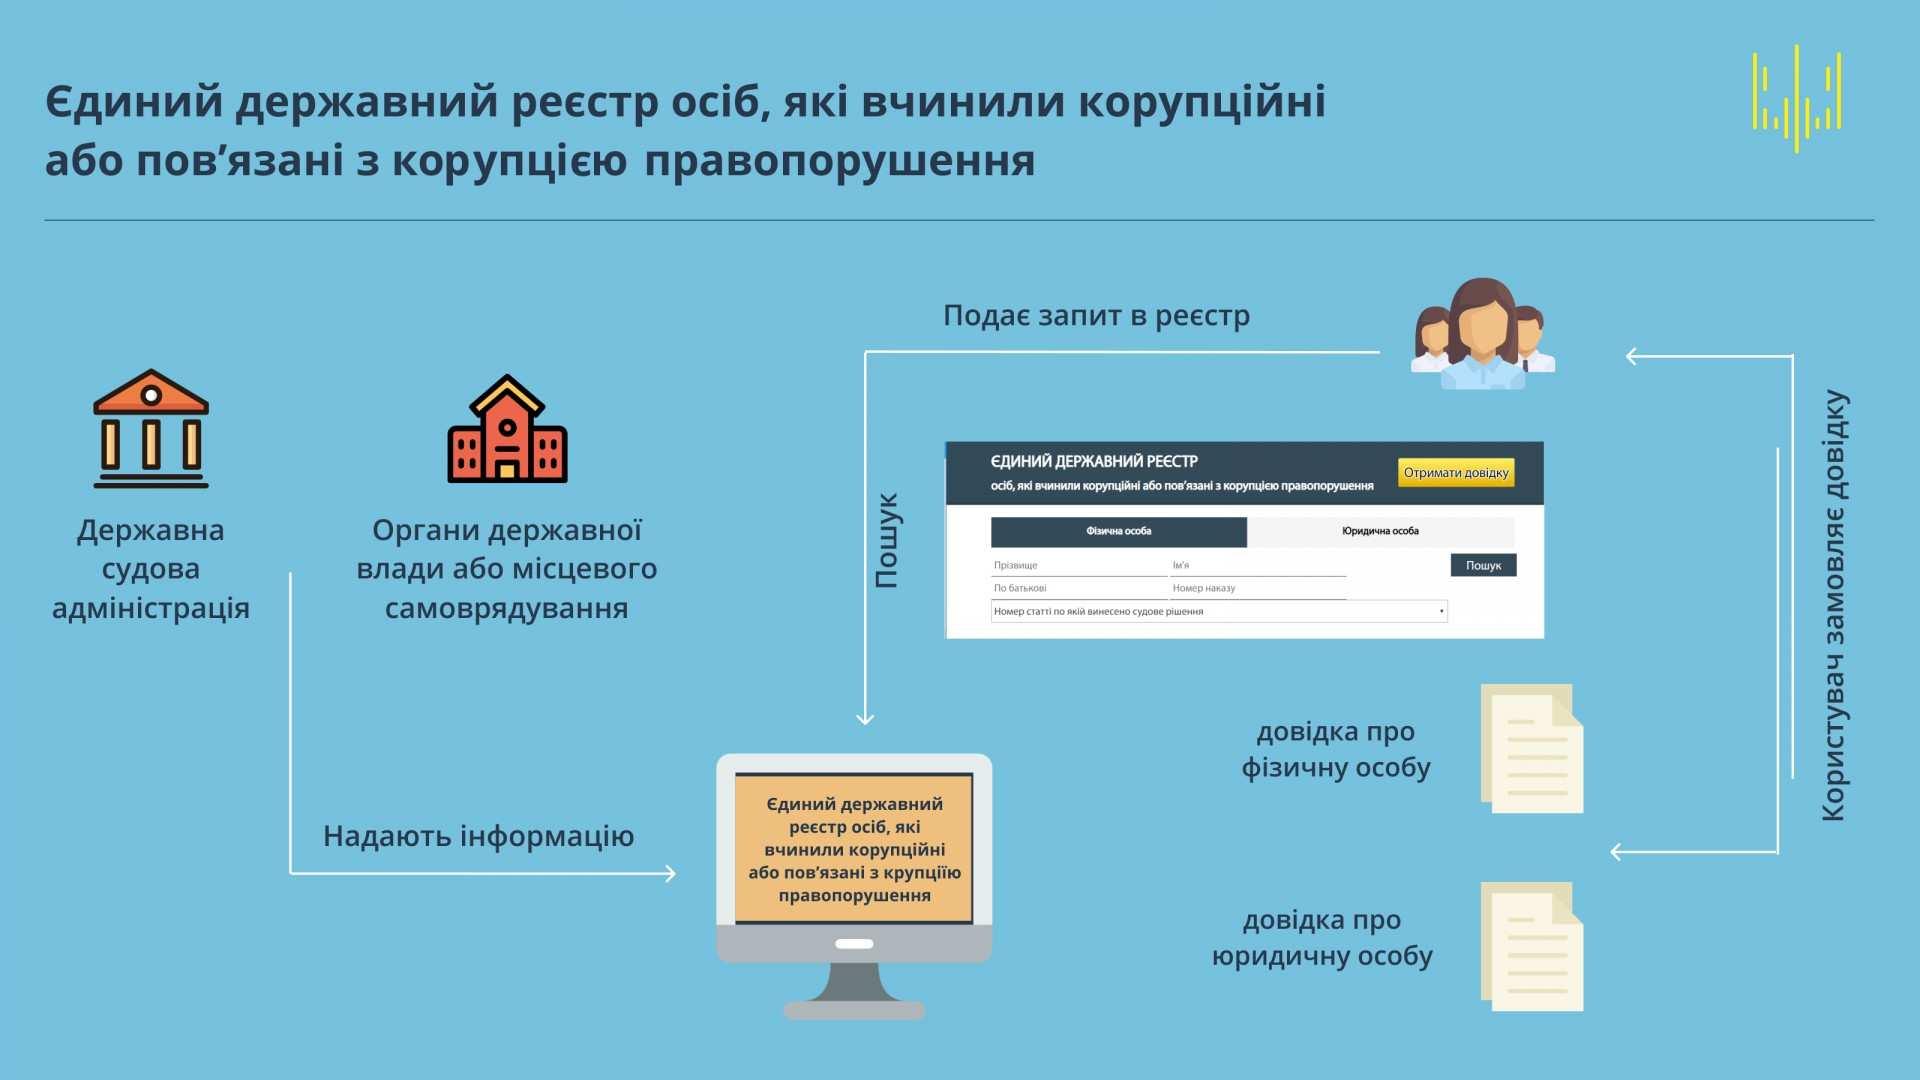 В Україні запустили безкоштовний реєстр корупціонерів